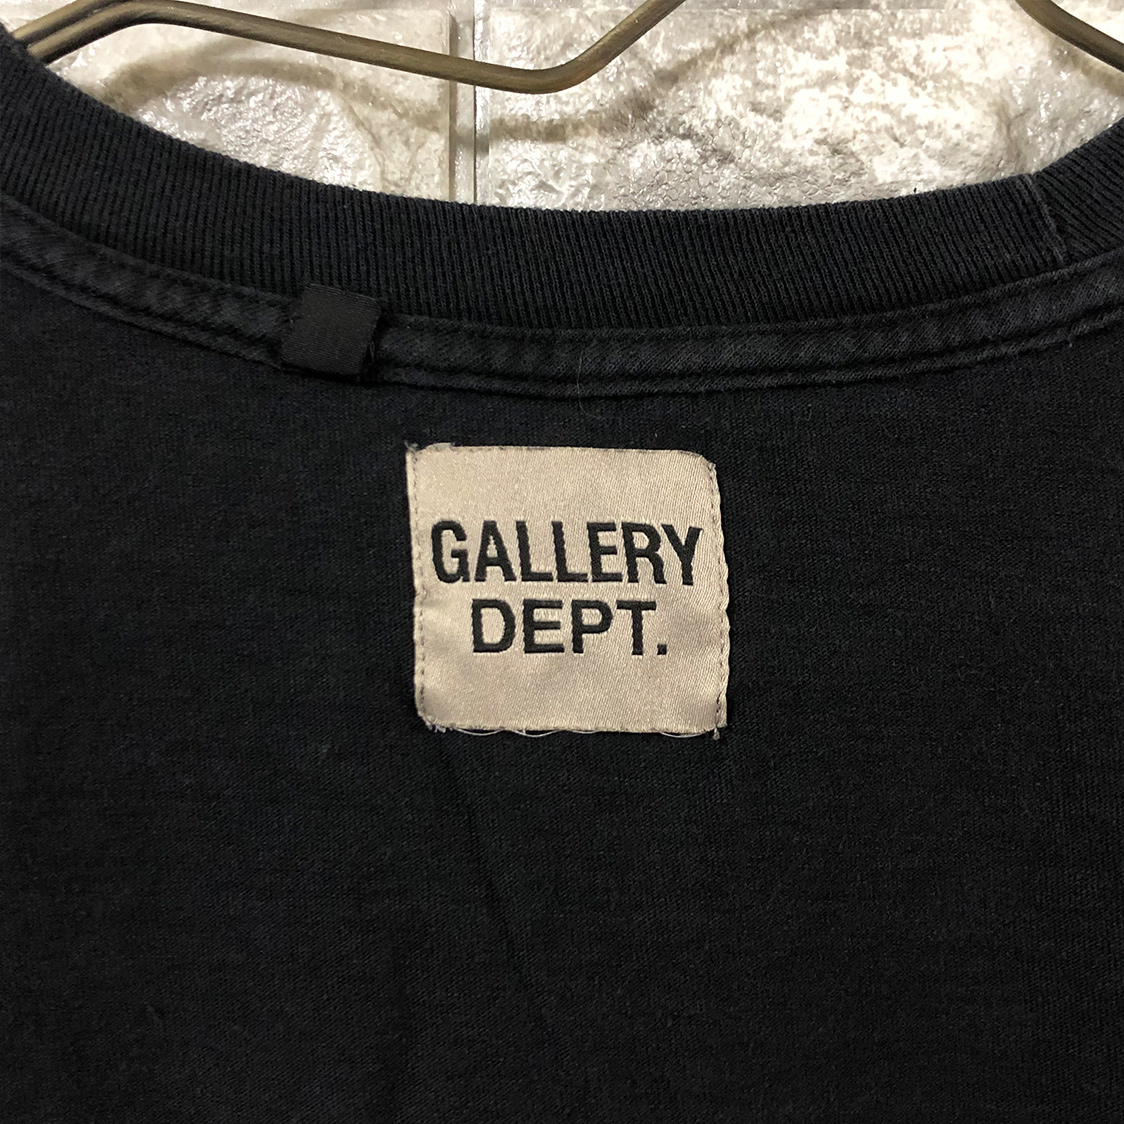 新品 希少 GALLERY DEPT. ギャラリーデプト 【Lサイズ】 ロングTシャツ 長袖 ビッグシルエット ワイドシルエット ART THAT KILLS ロンT